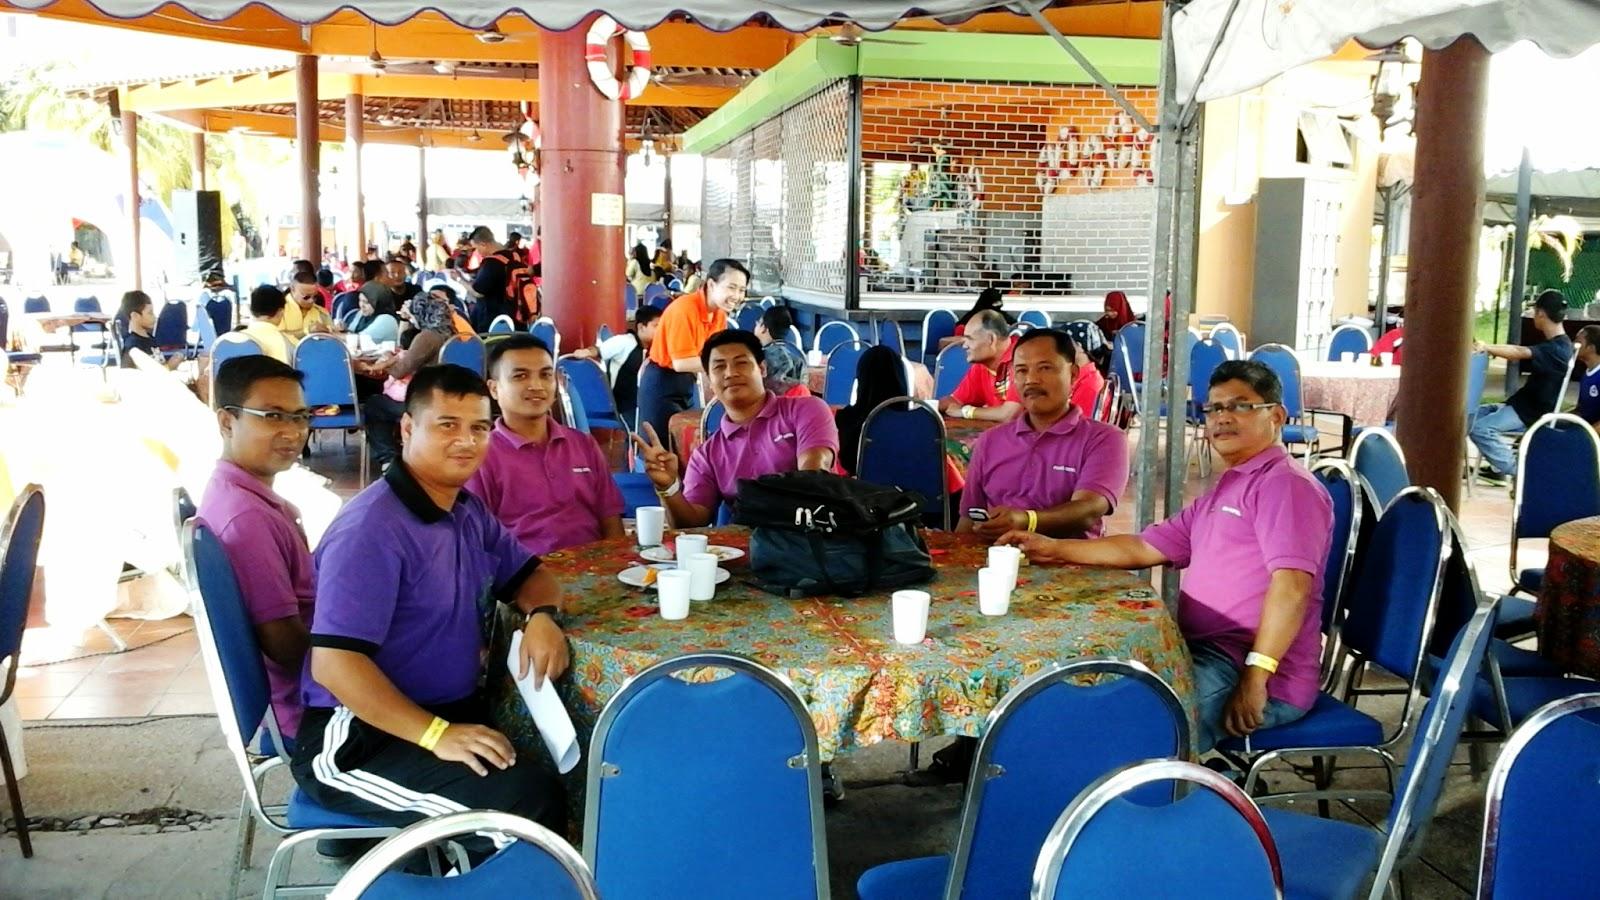 Parol WP Kuala Lumpur